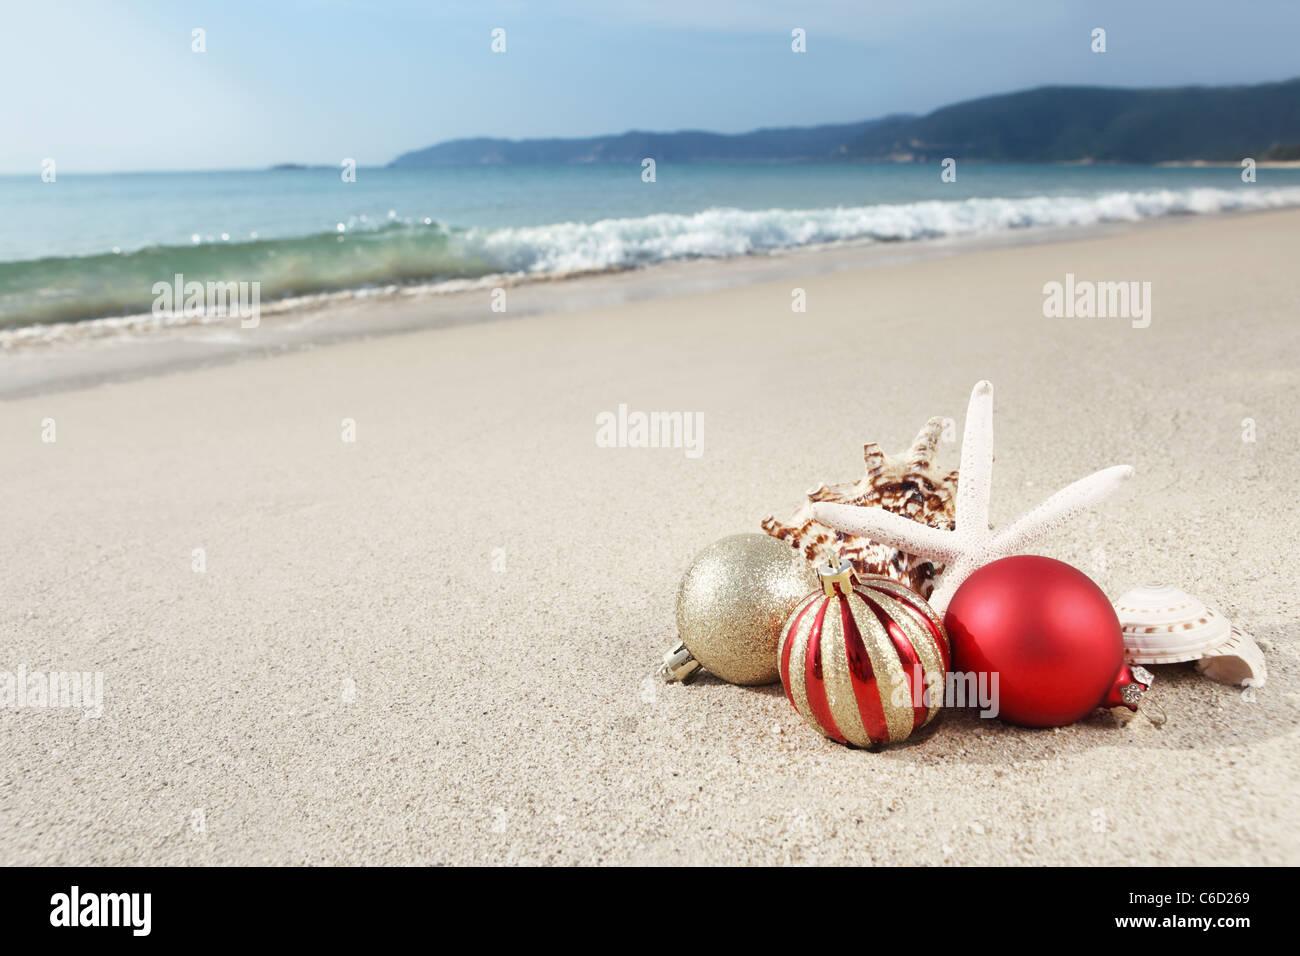 Immagini Natale Mare.Le Palle Di Natale E Conchiglie Sulla Spiaggia Vicino Al